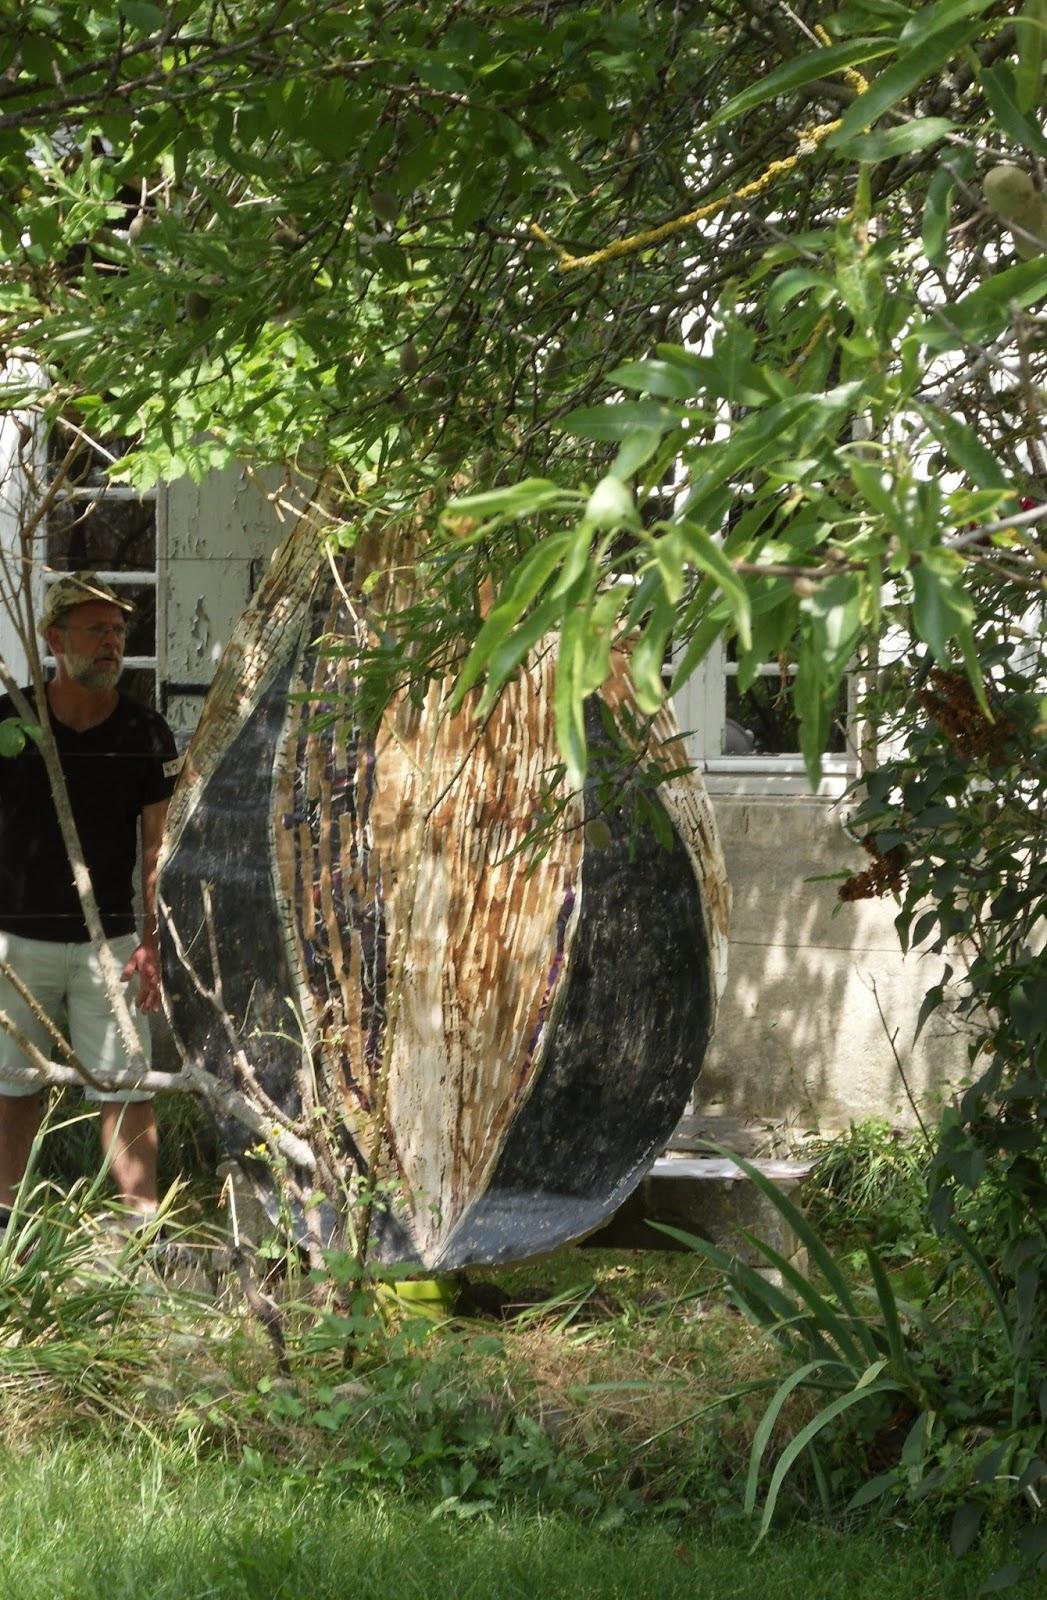 Les rendez vous aux jardins la rochelle 2015 loin des for Jardin passion la rochelle 2015